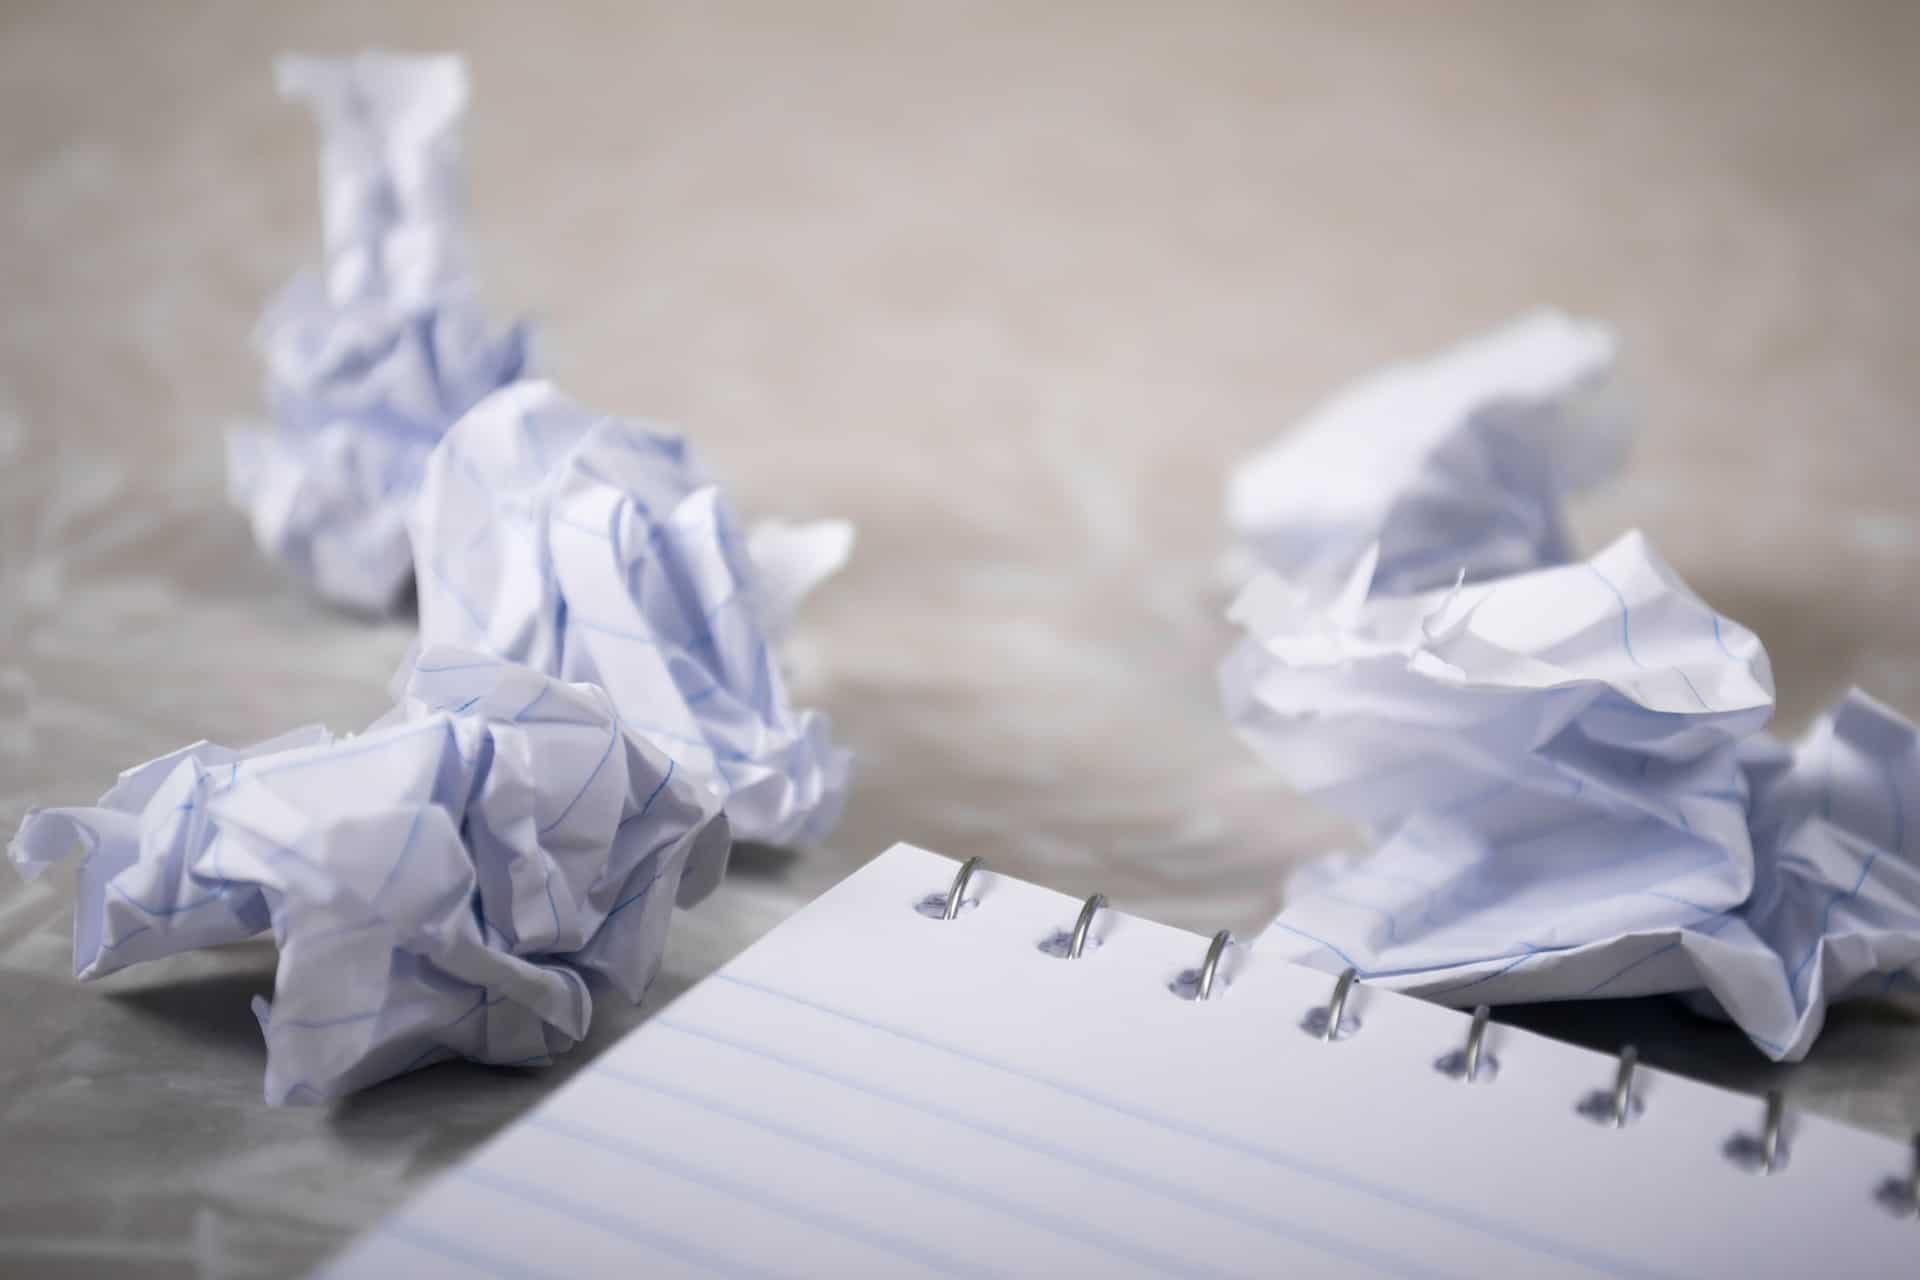 college essay topics to avoid